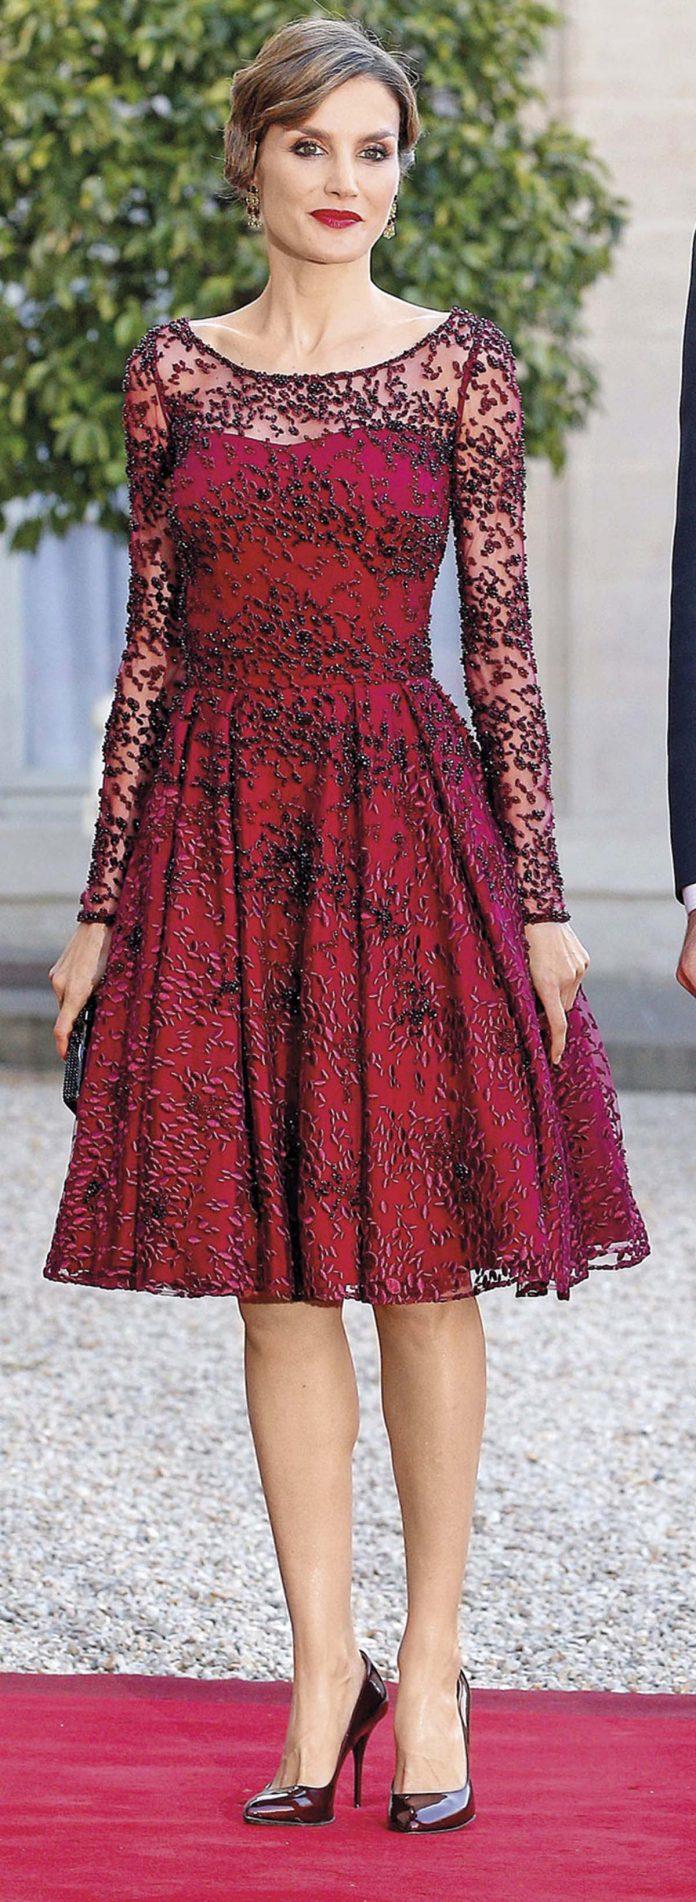 Los looks de la Reina Letizia que más han impactado en el exterior 2